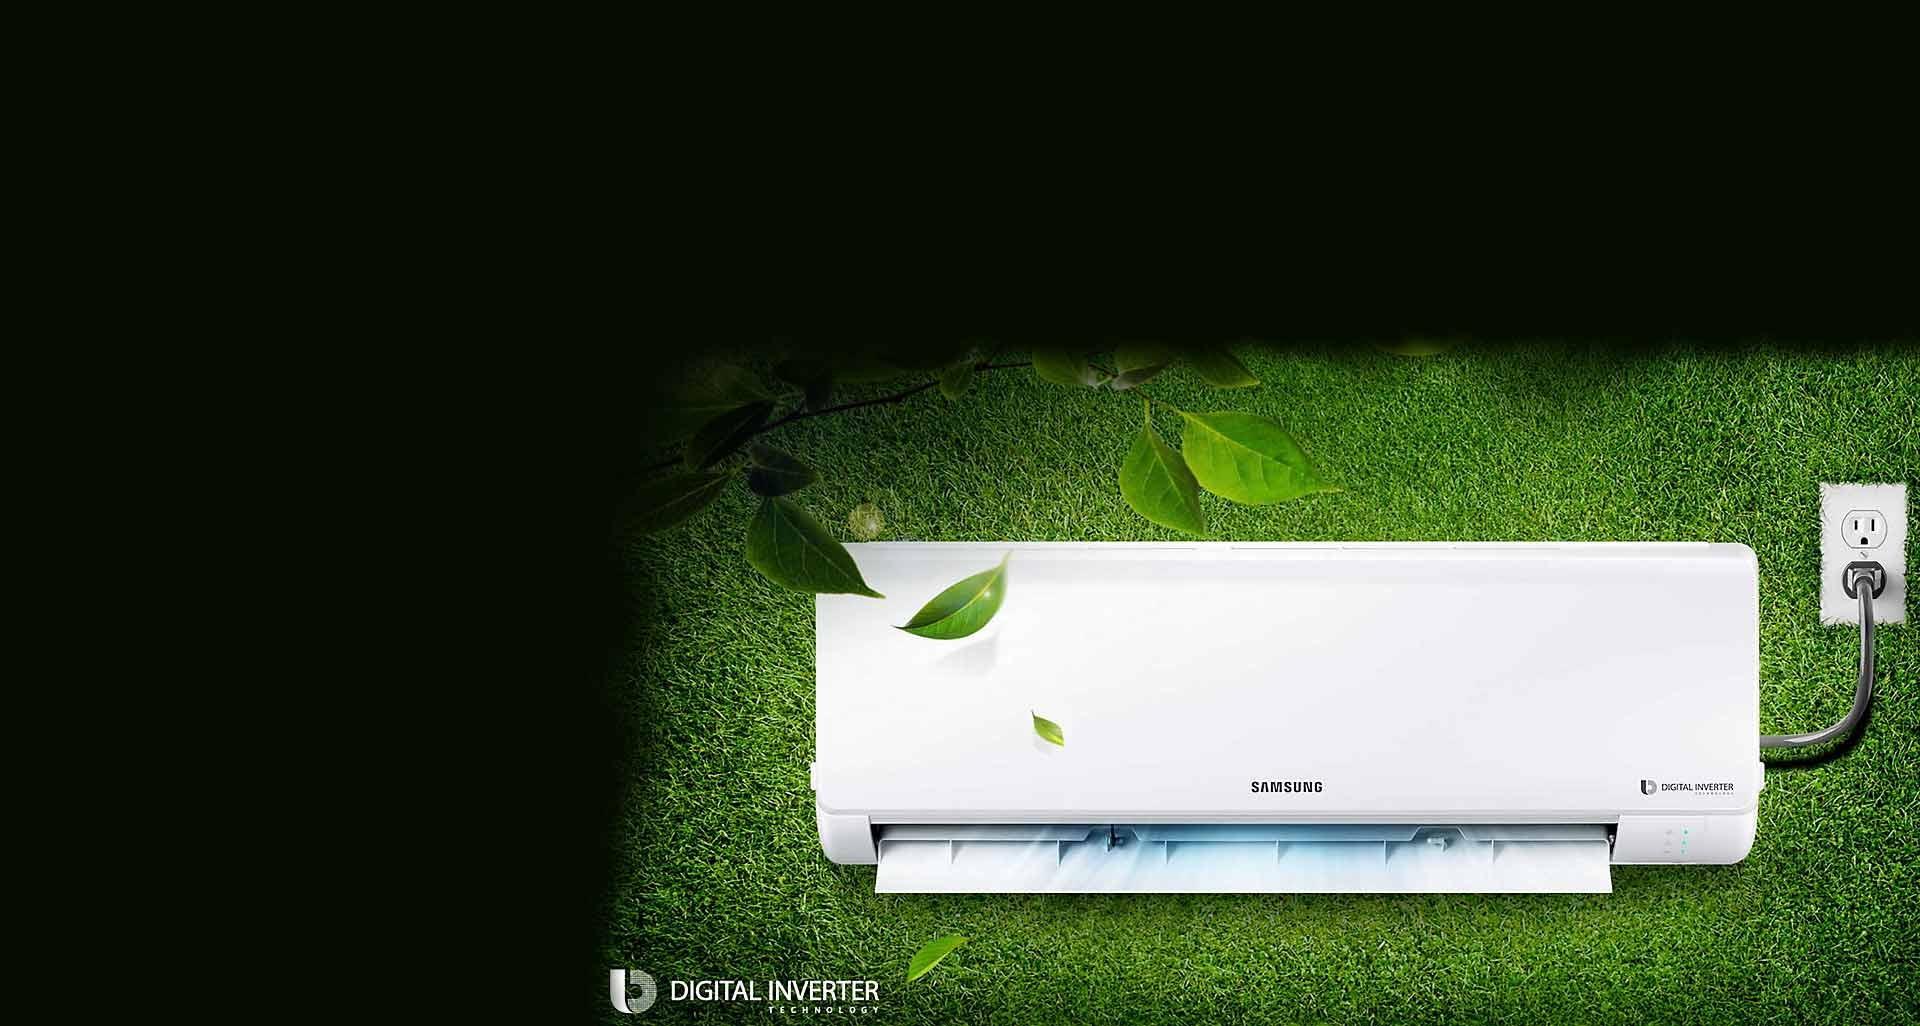 صرفه جویی در انرژی به صورت هوشمند با بهترین کولر گازی برای مناطق گرمسیر سامسونگ